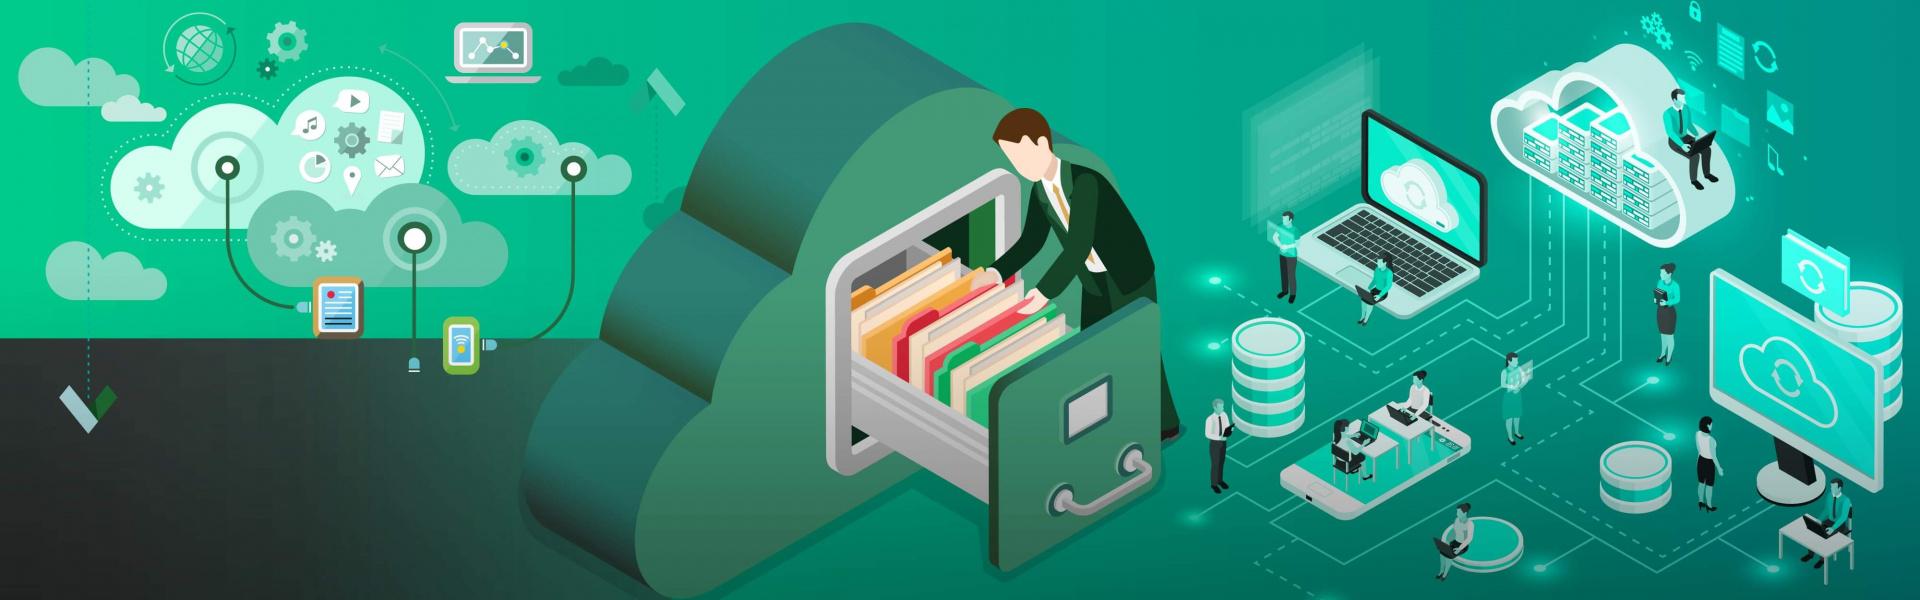 Безопасный удаленный доступ с помощью Citrix Virtual Apps and Desktops